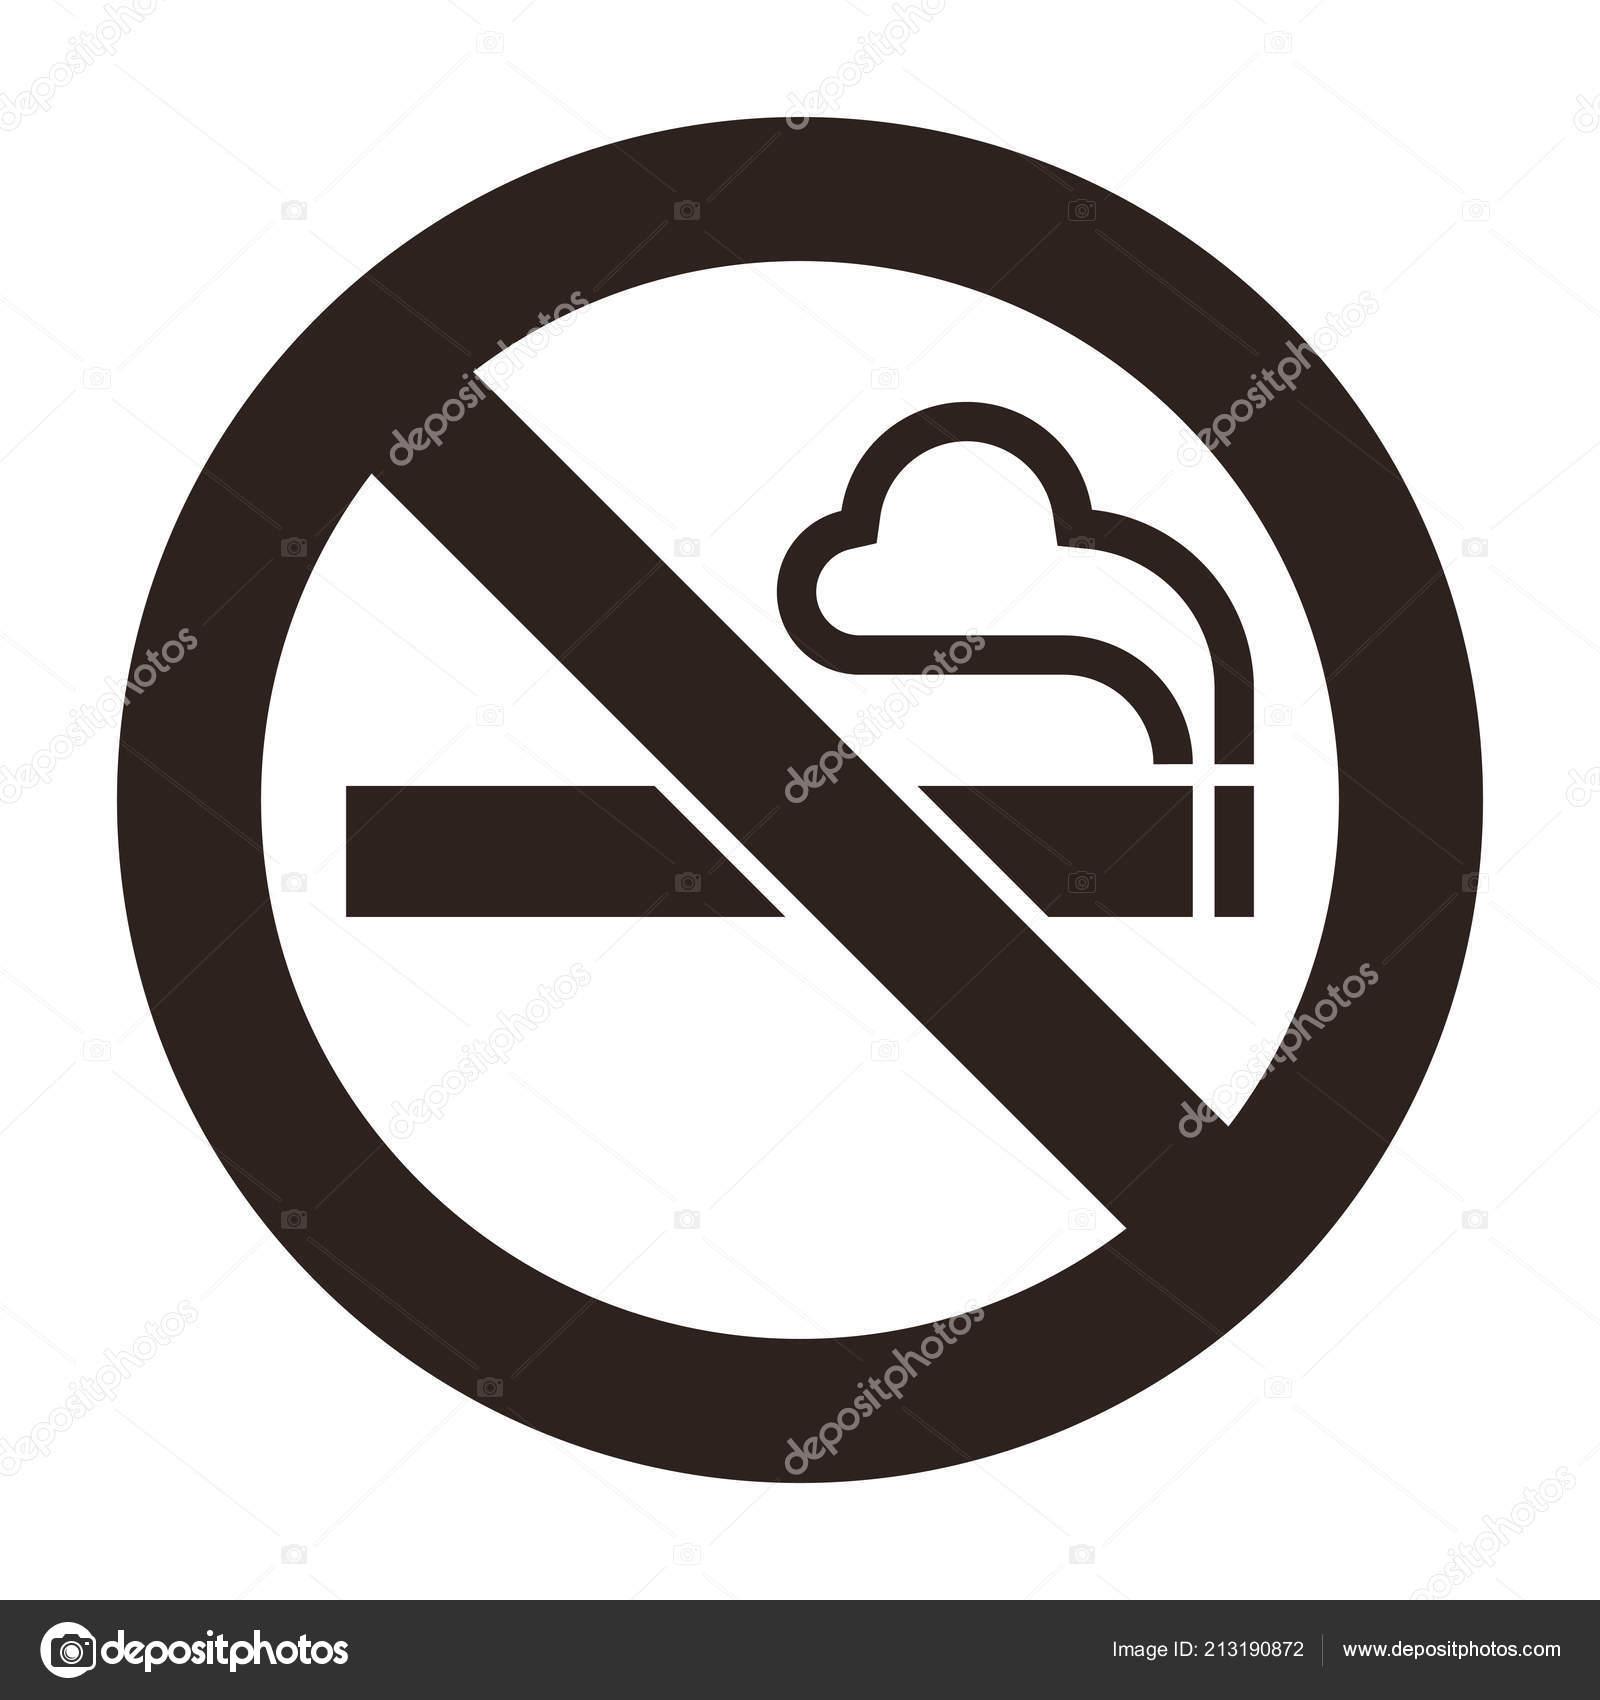 Cartello vietato fumare scarica